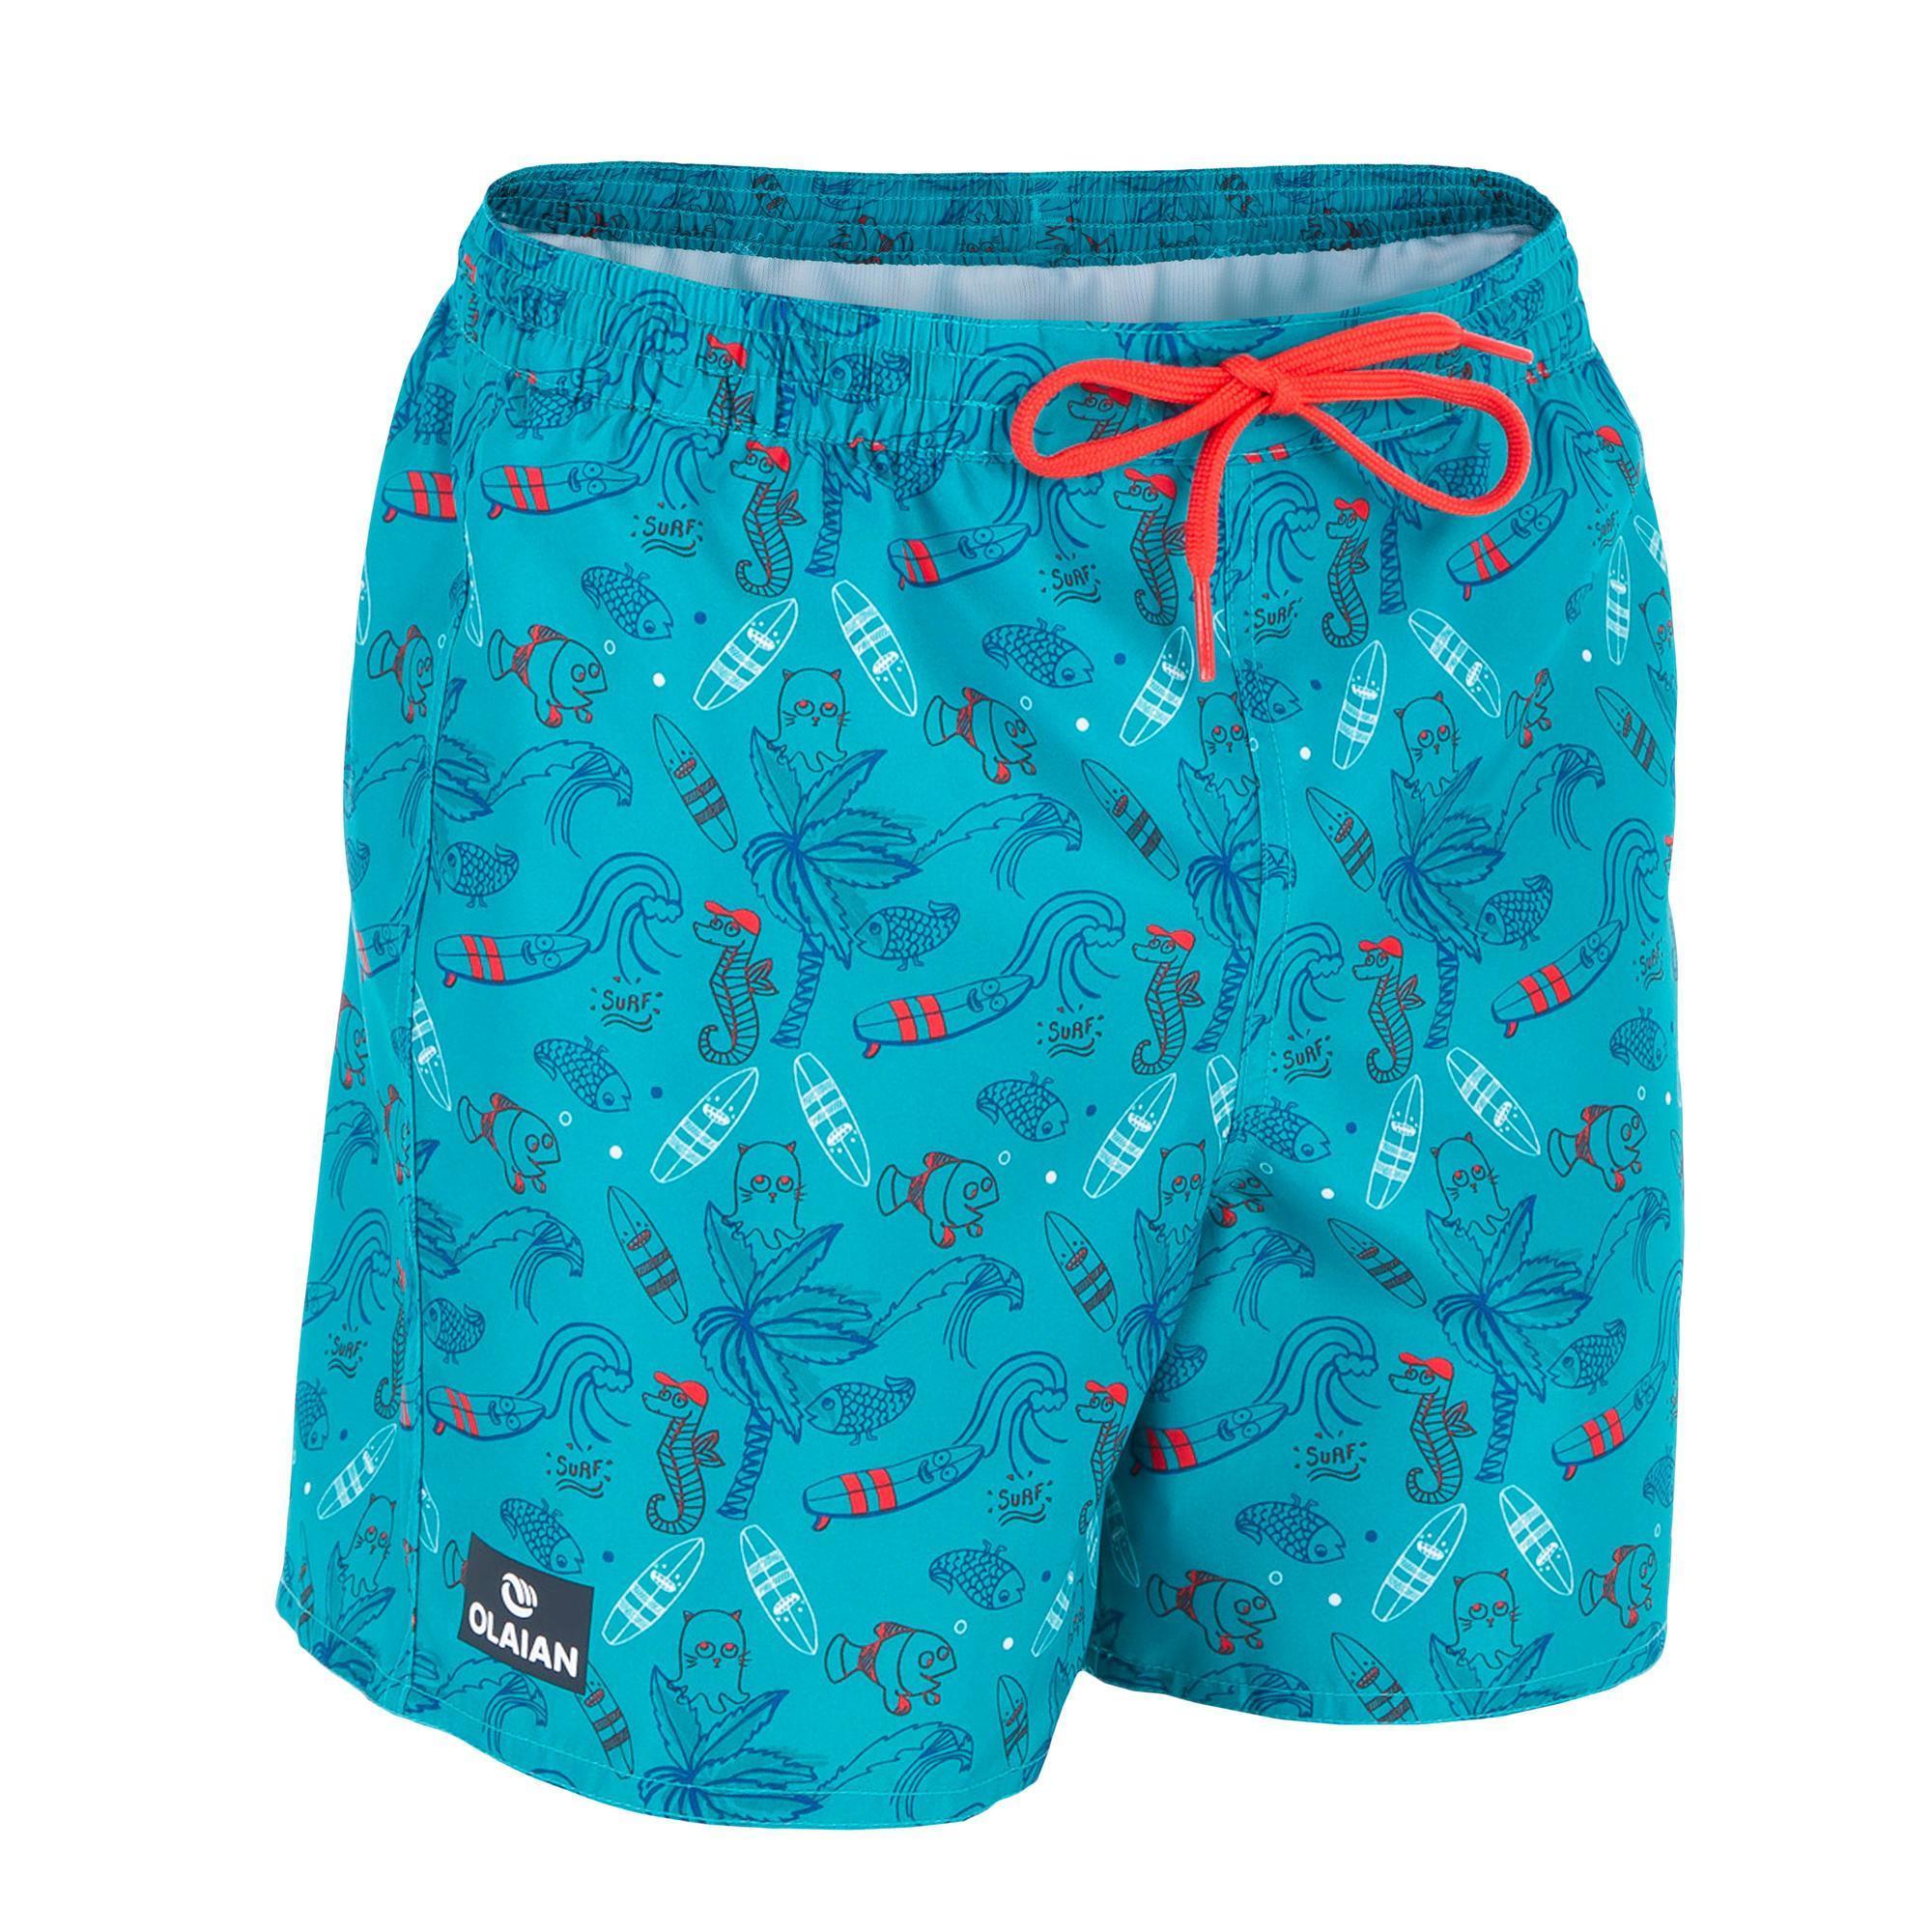 Olaian Korte Boardshort 100 Kid Beach Turquoise